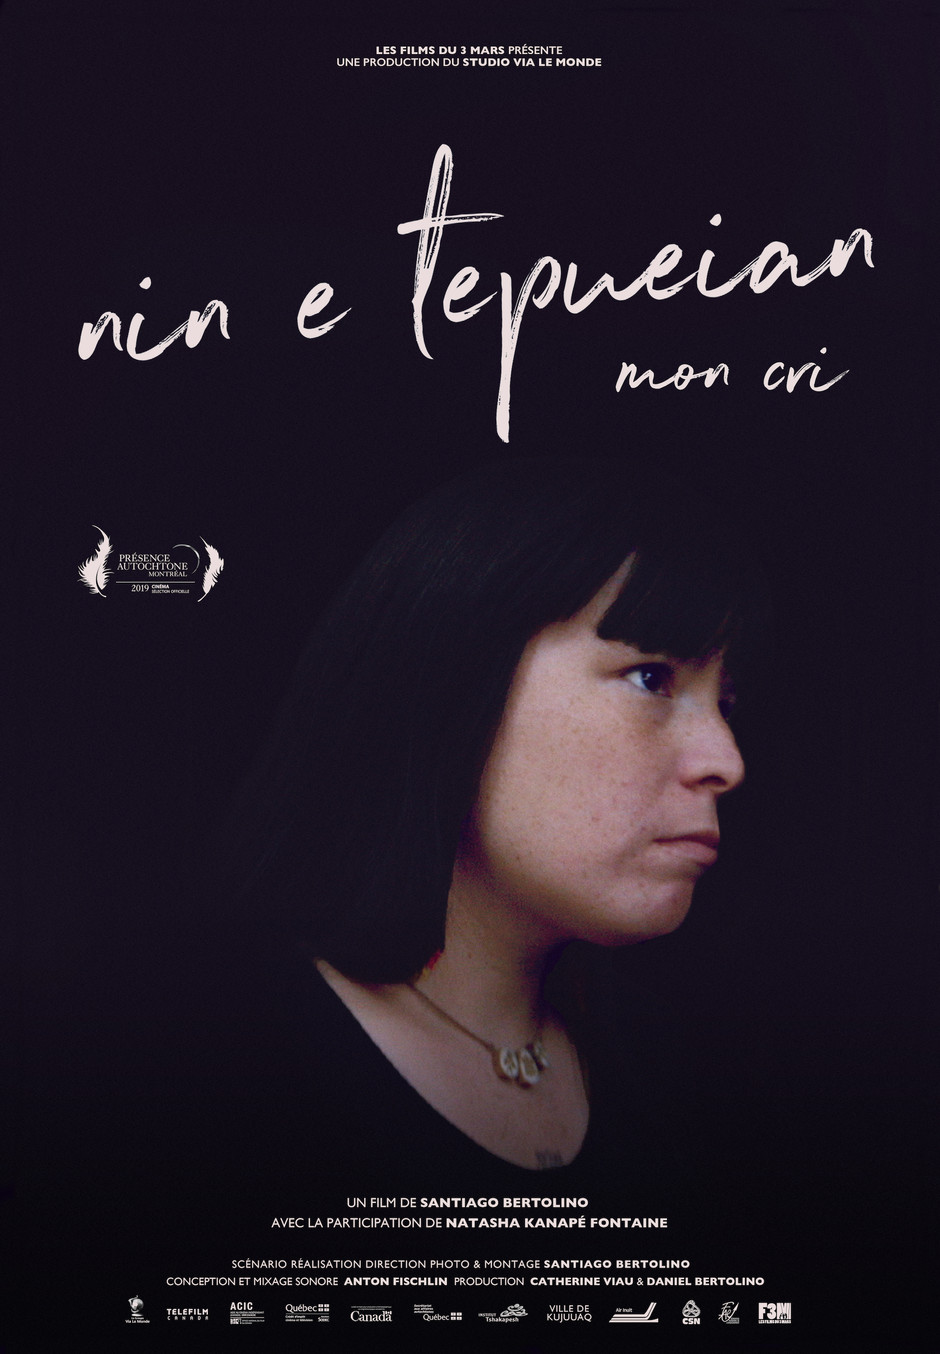 NIN E TEPUIEAN - MON CRI en salles dès le 24 janvier 2020